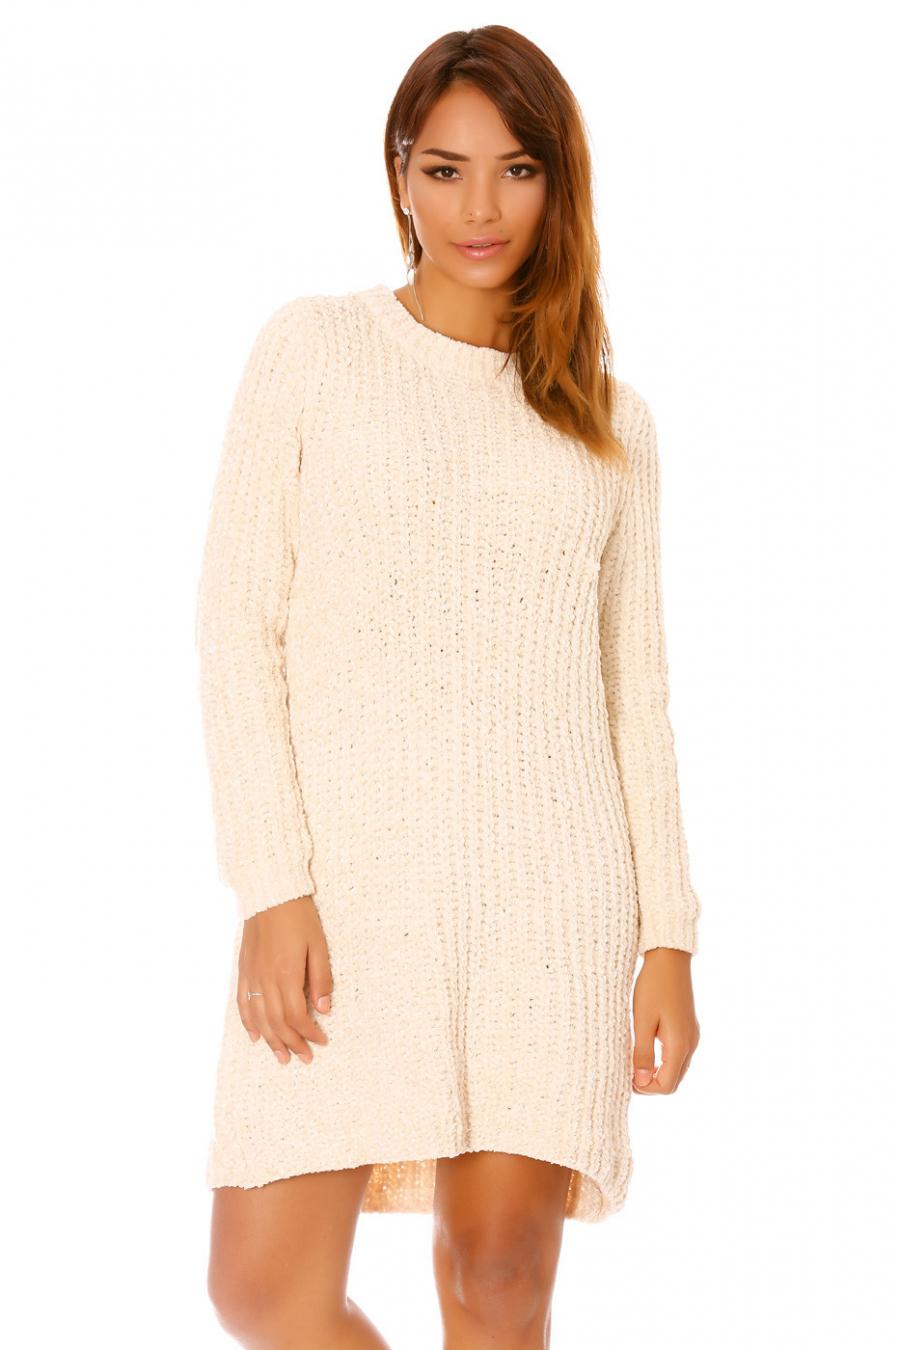 Beige sweaterjurk met gebreid effect F8701